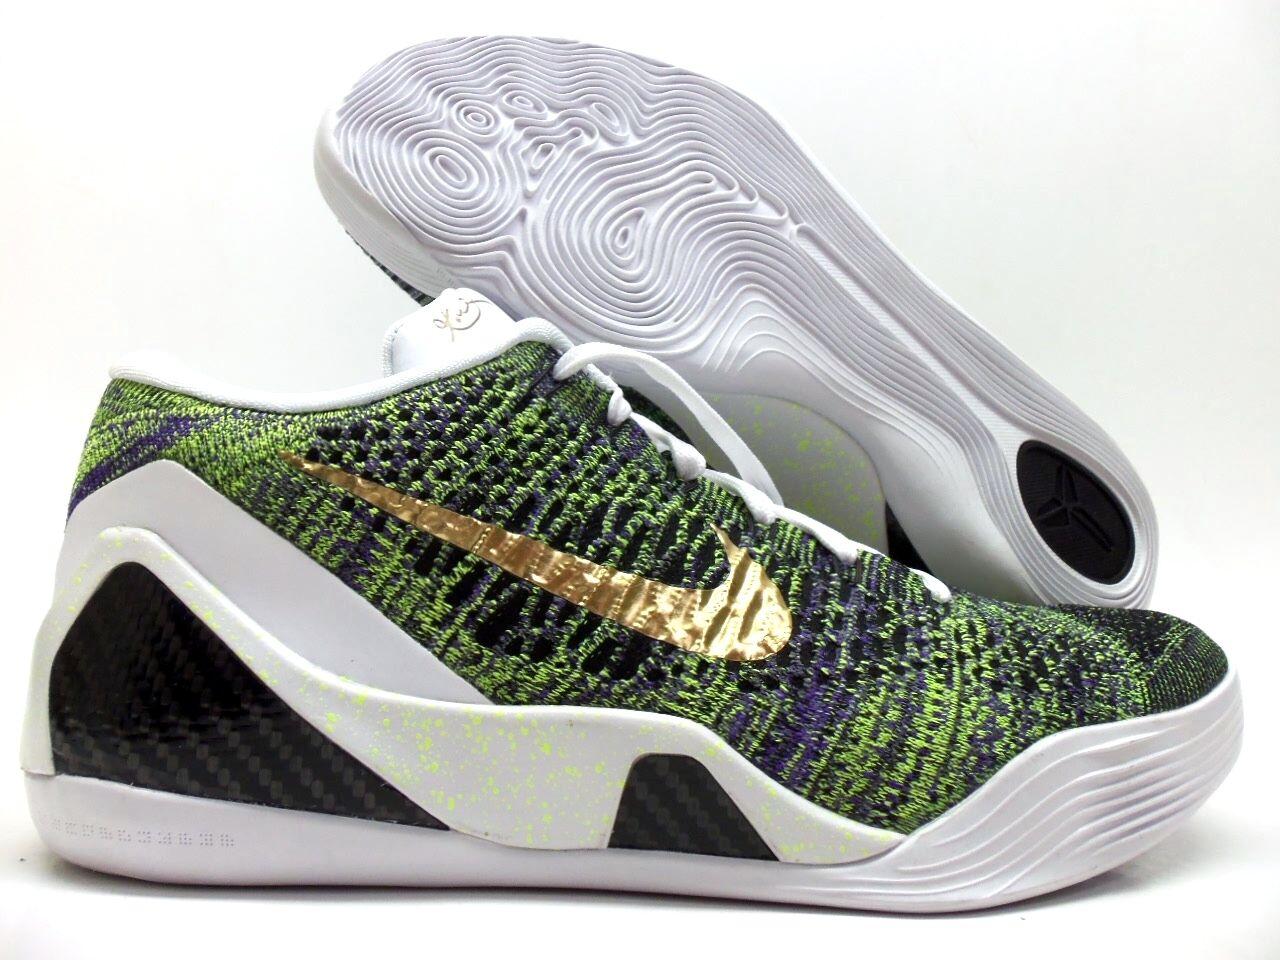 Nike kobe ix 9 elite flyknit id basso multi-color-gold dimensioni uomini [677992-998]